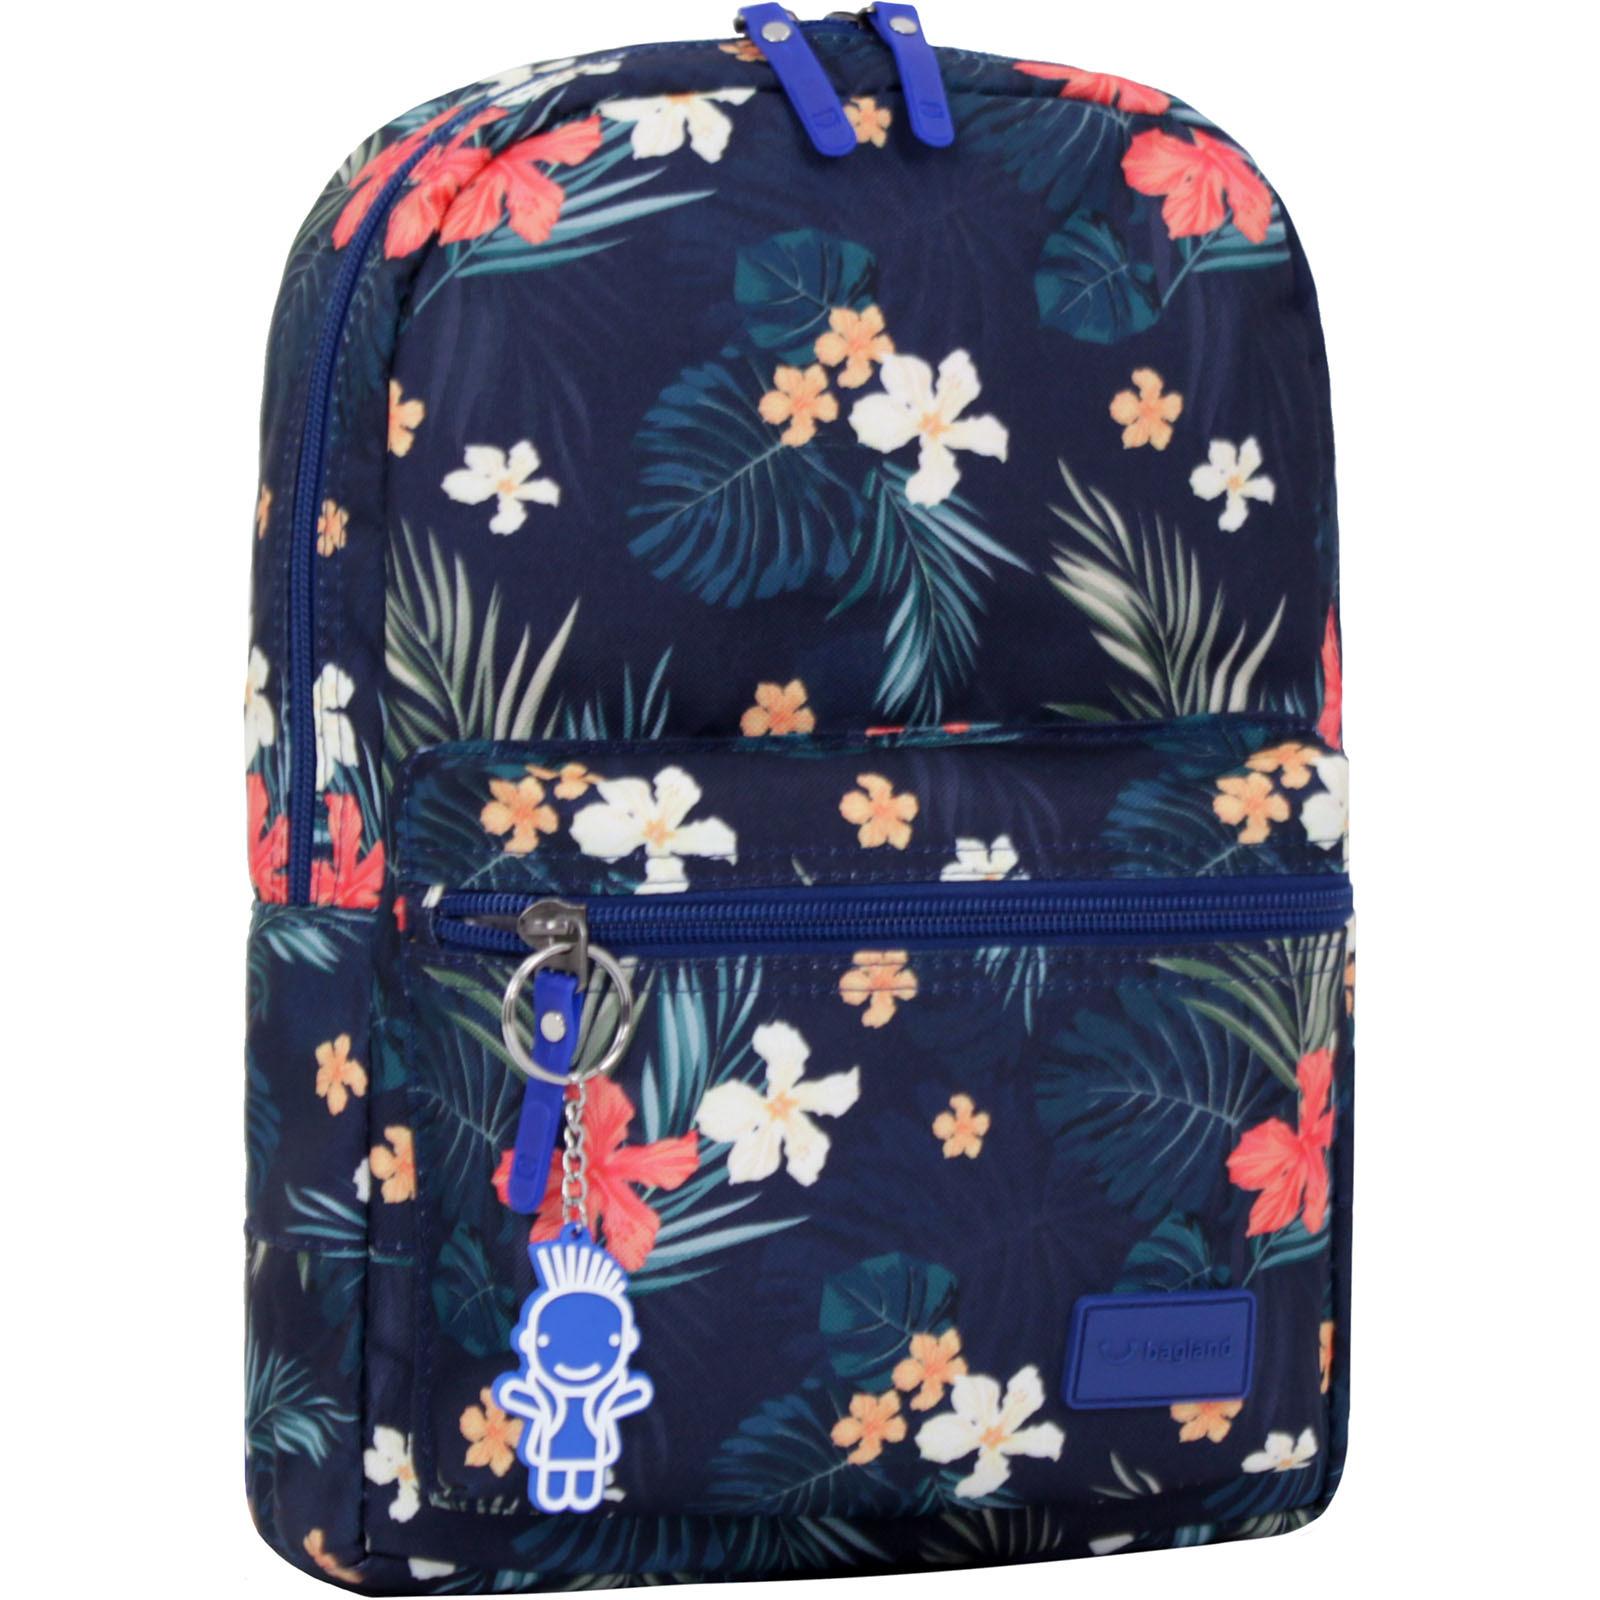 Детские рюкзаки Рюкзак Bagland Молодежный mini 8 л. сублимация (цветы) (00508664) IMG_0837_арт.103_.JPG